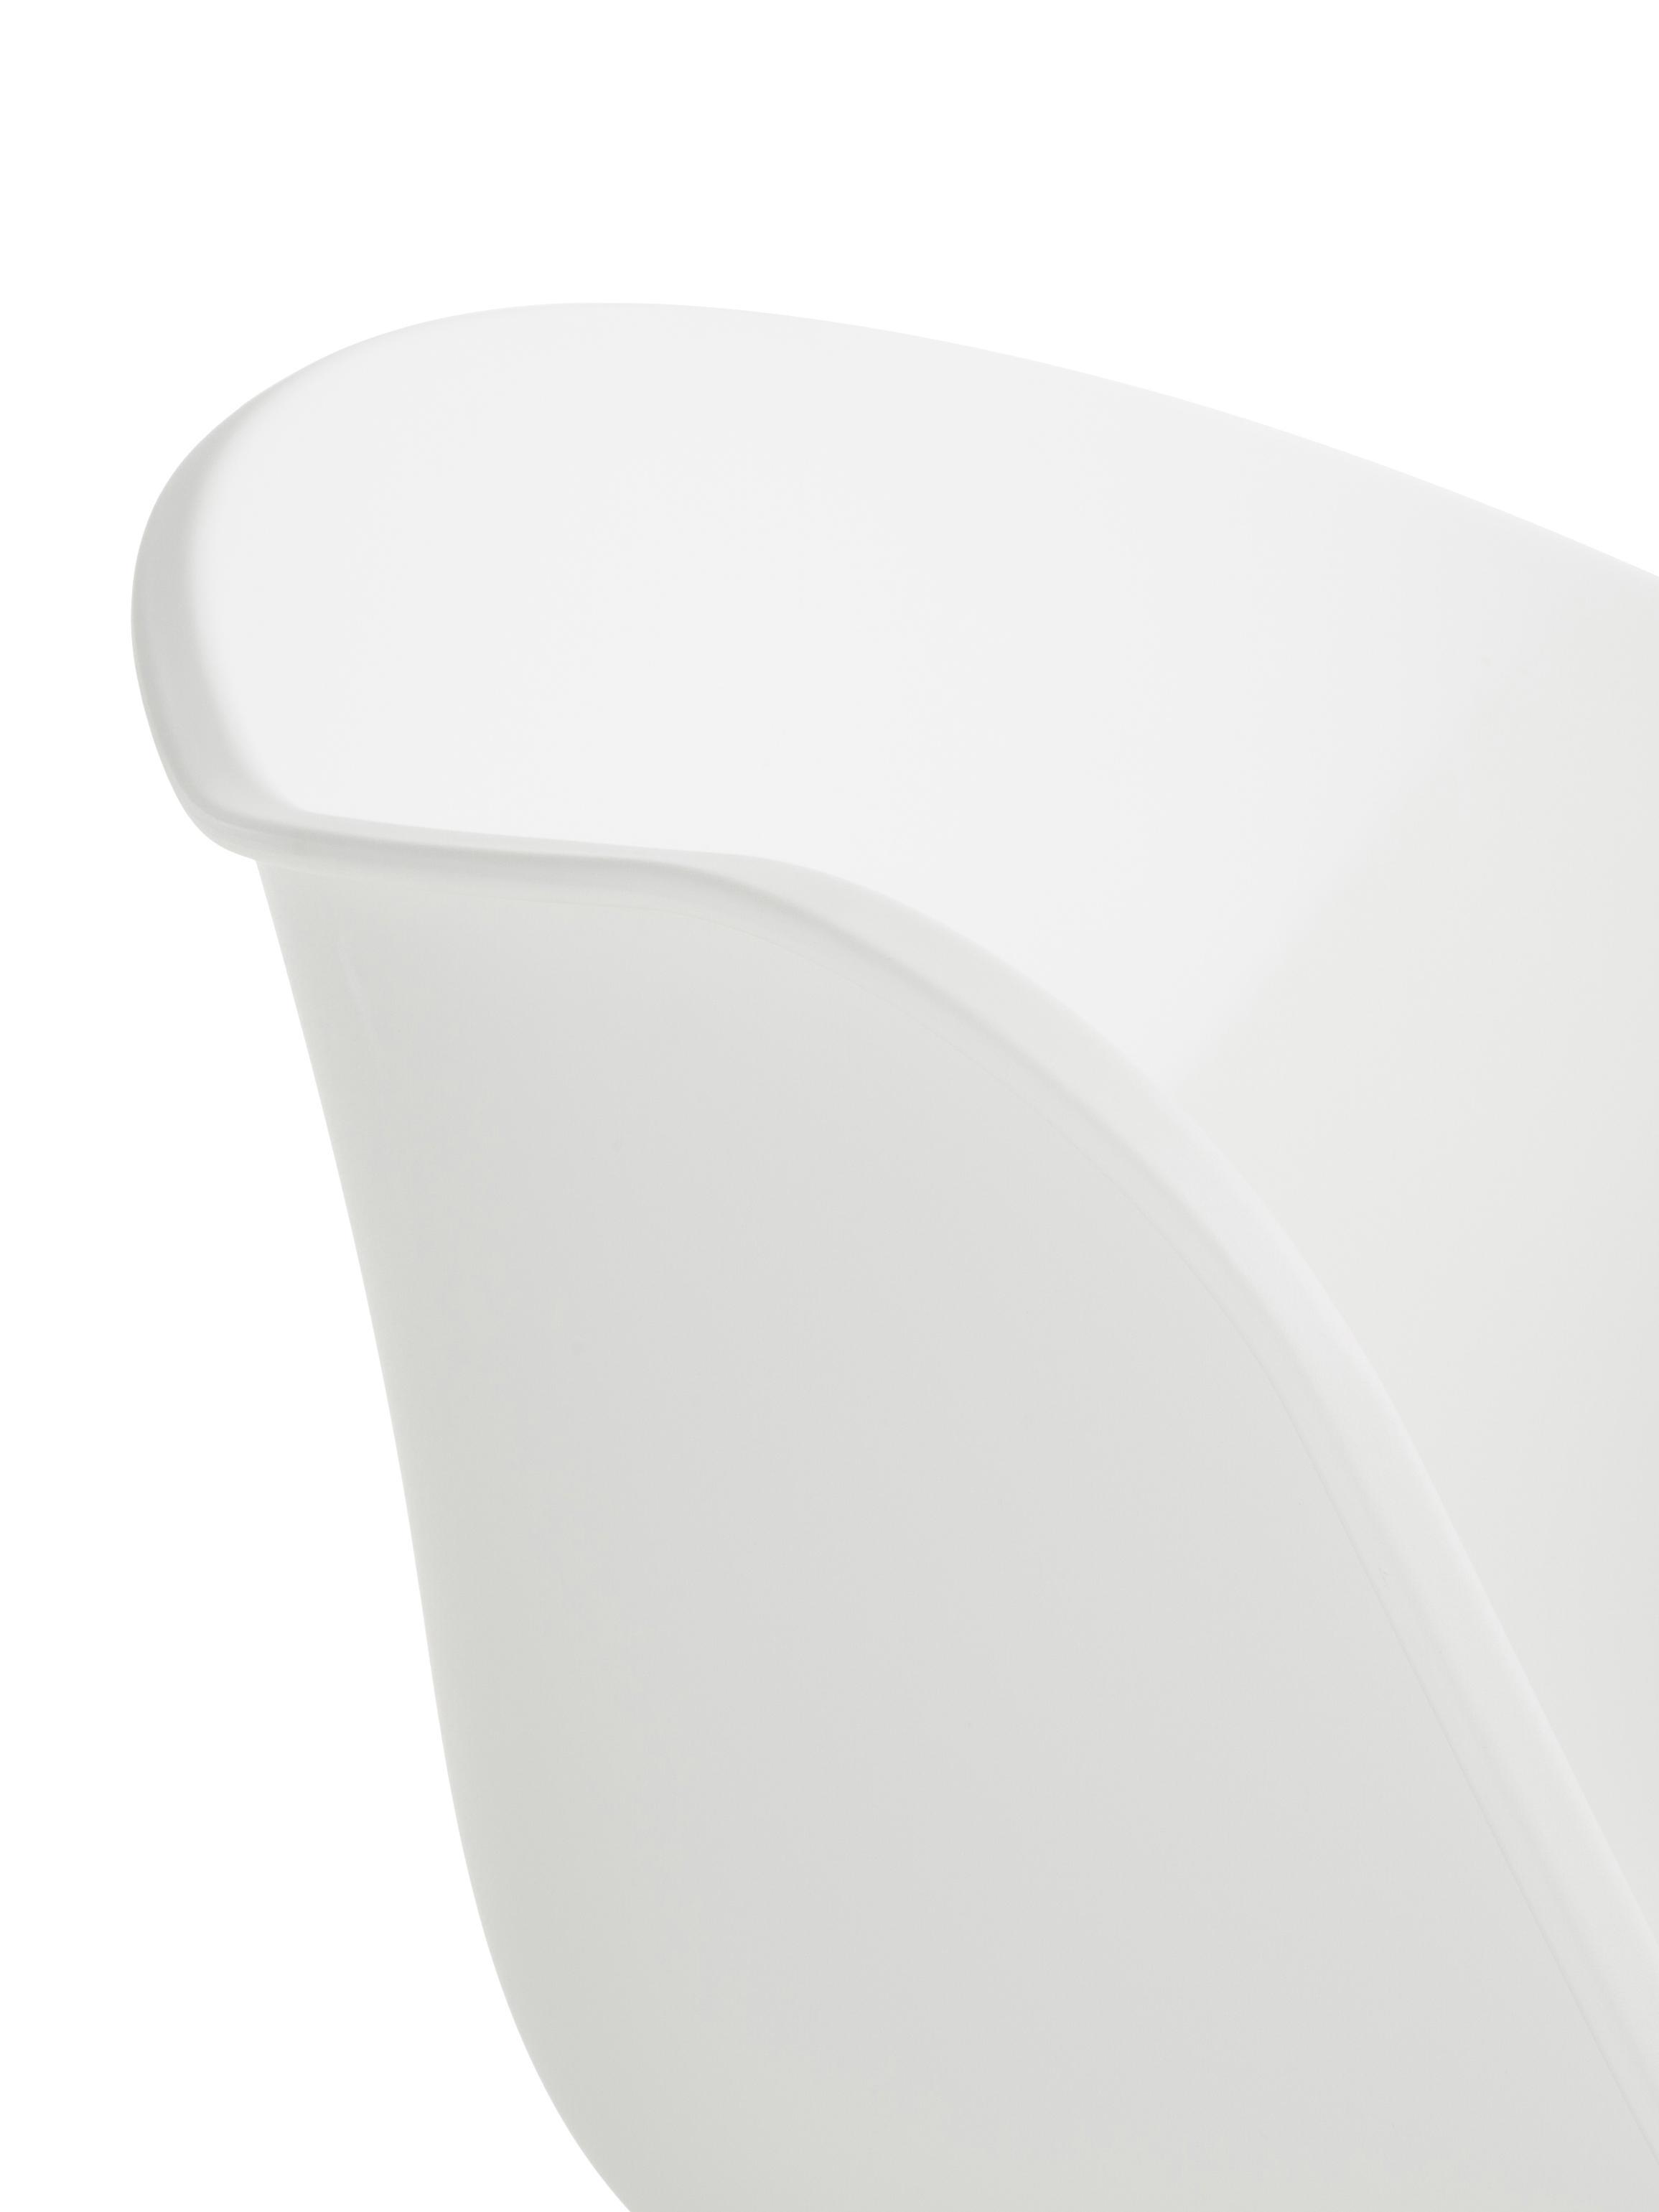 Kunststoff-Armlehnstuhl Claire mit Holzbeinen, Sitzschale: Kunststoff, Beine: Buchenholz, Kunststoff Weiss, B 54 x T 60 cm